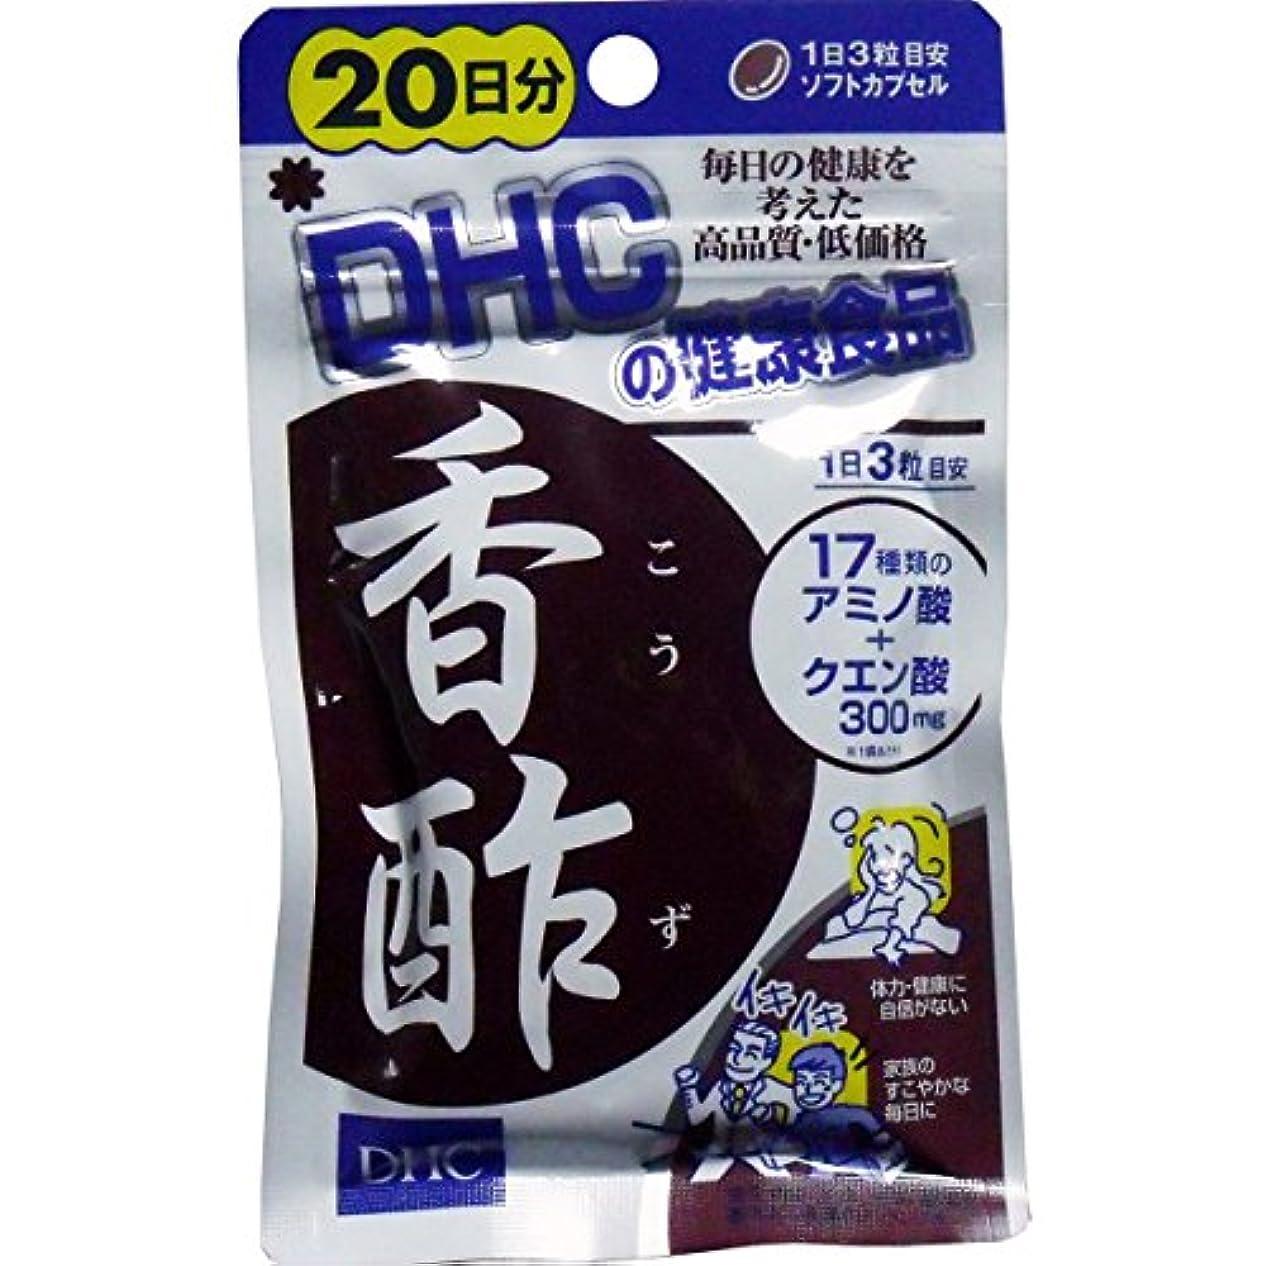 お気に入り有益なループDHC サプリメント 香酢 60粒